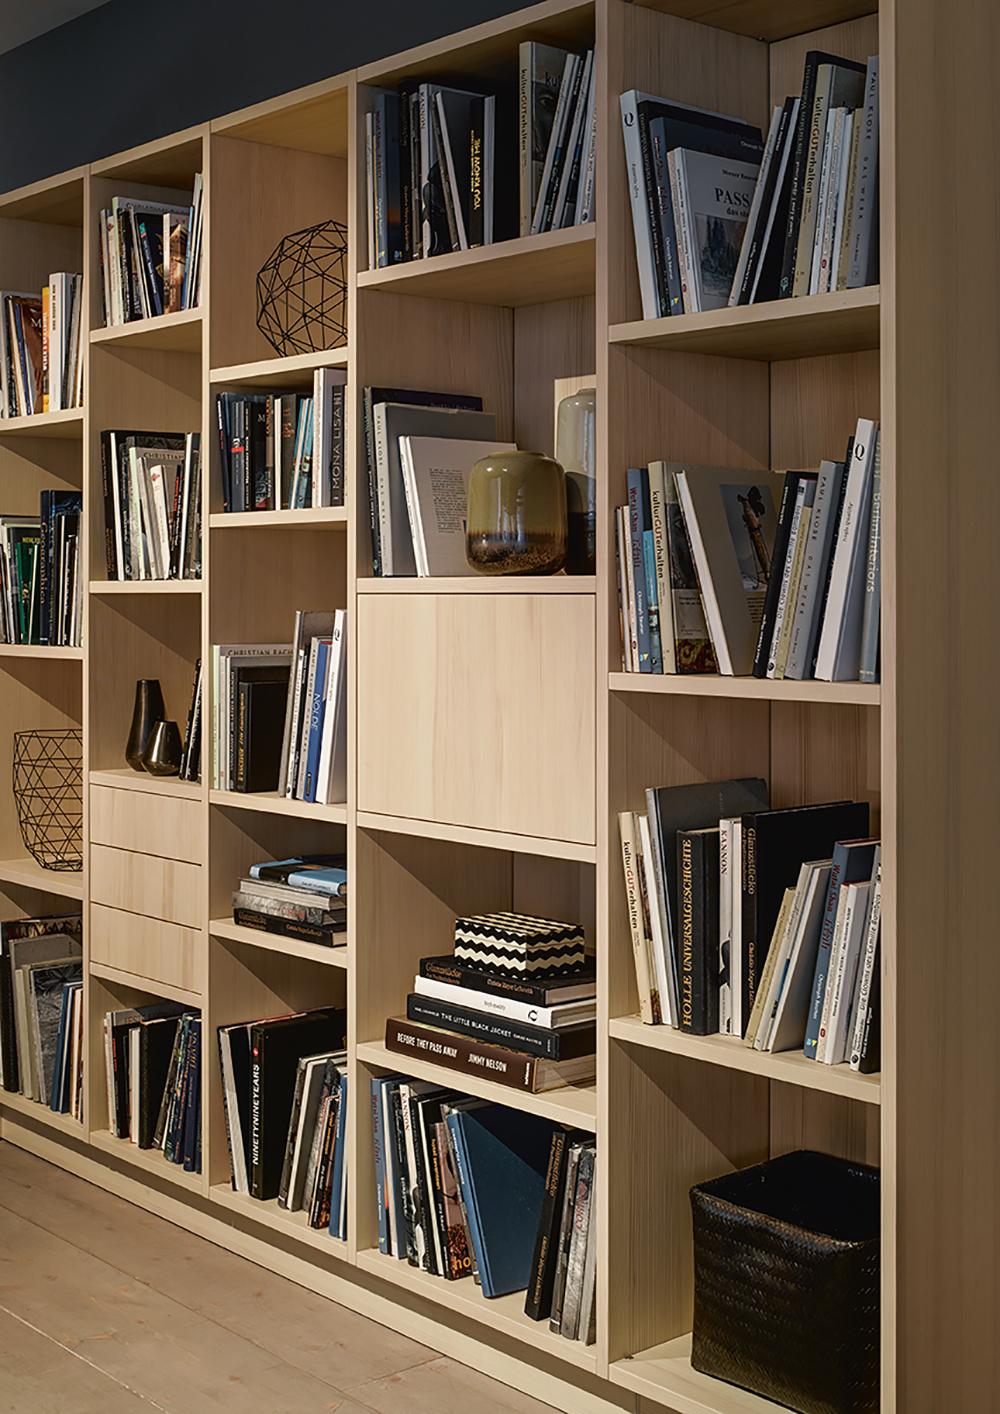 Bibliothèque style bois avec multiples rangements livres décorations bougeoirs